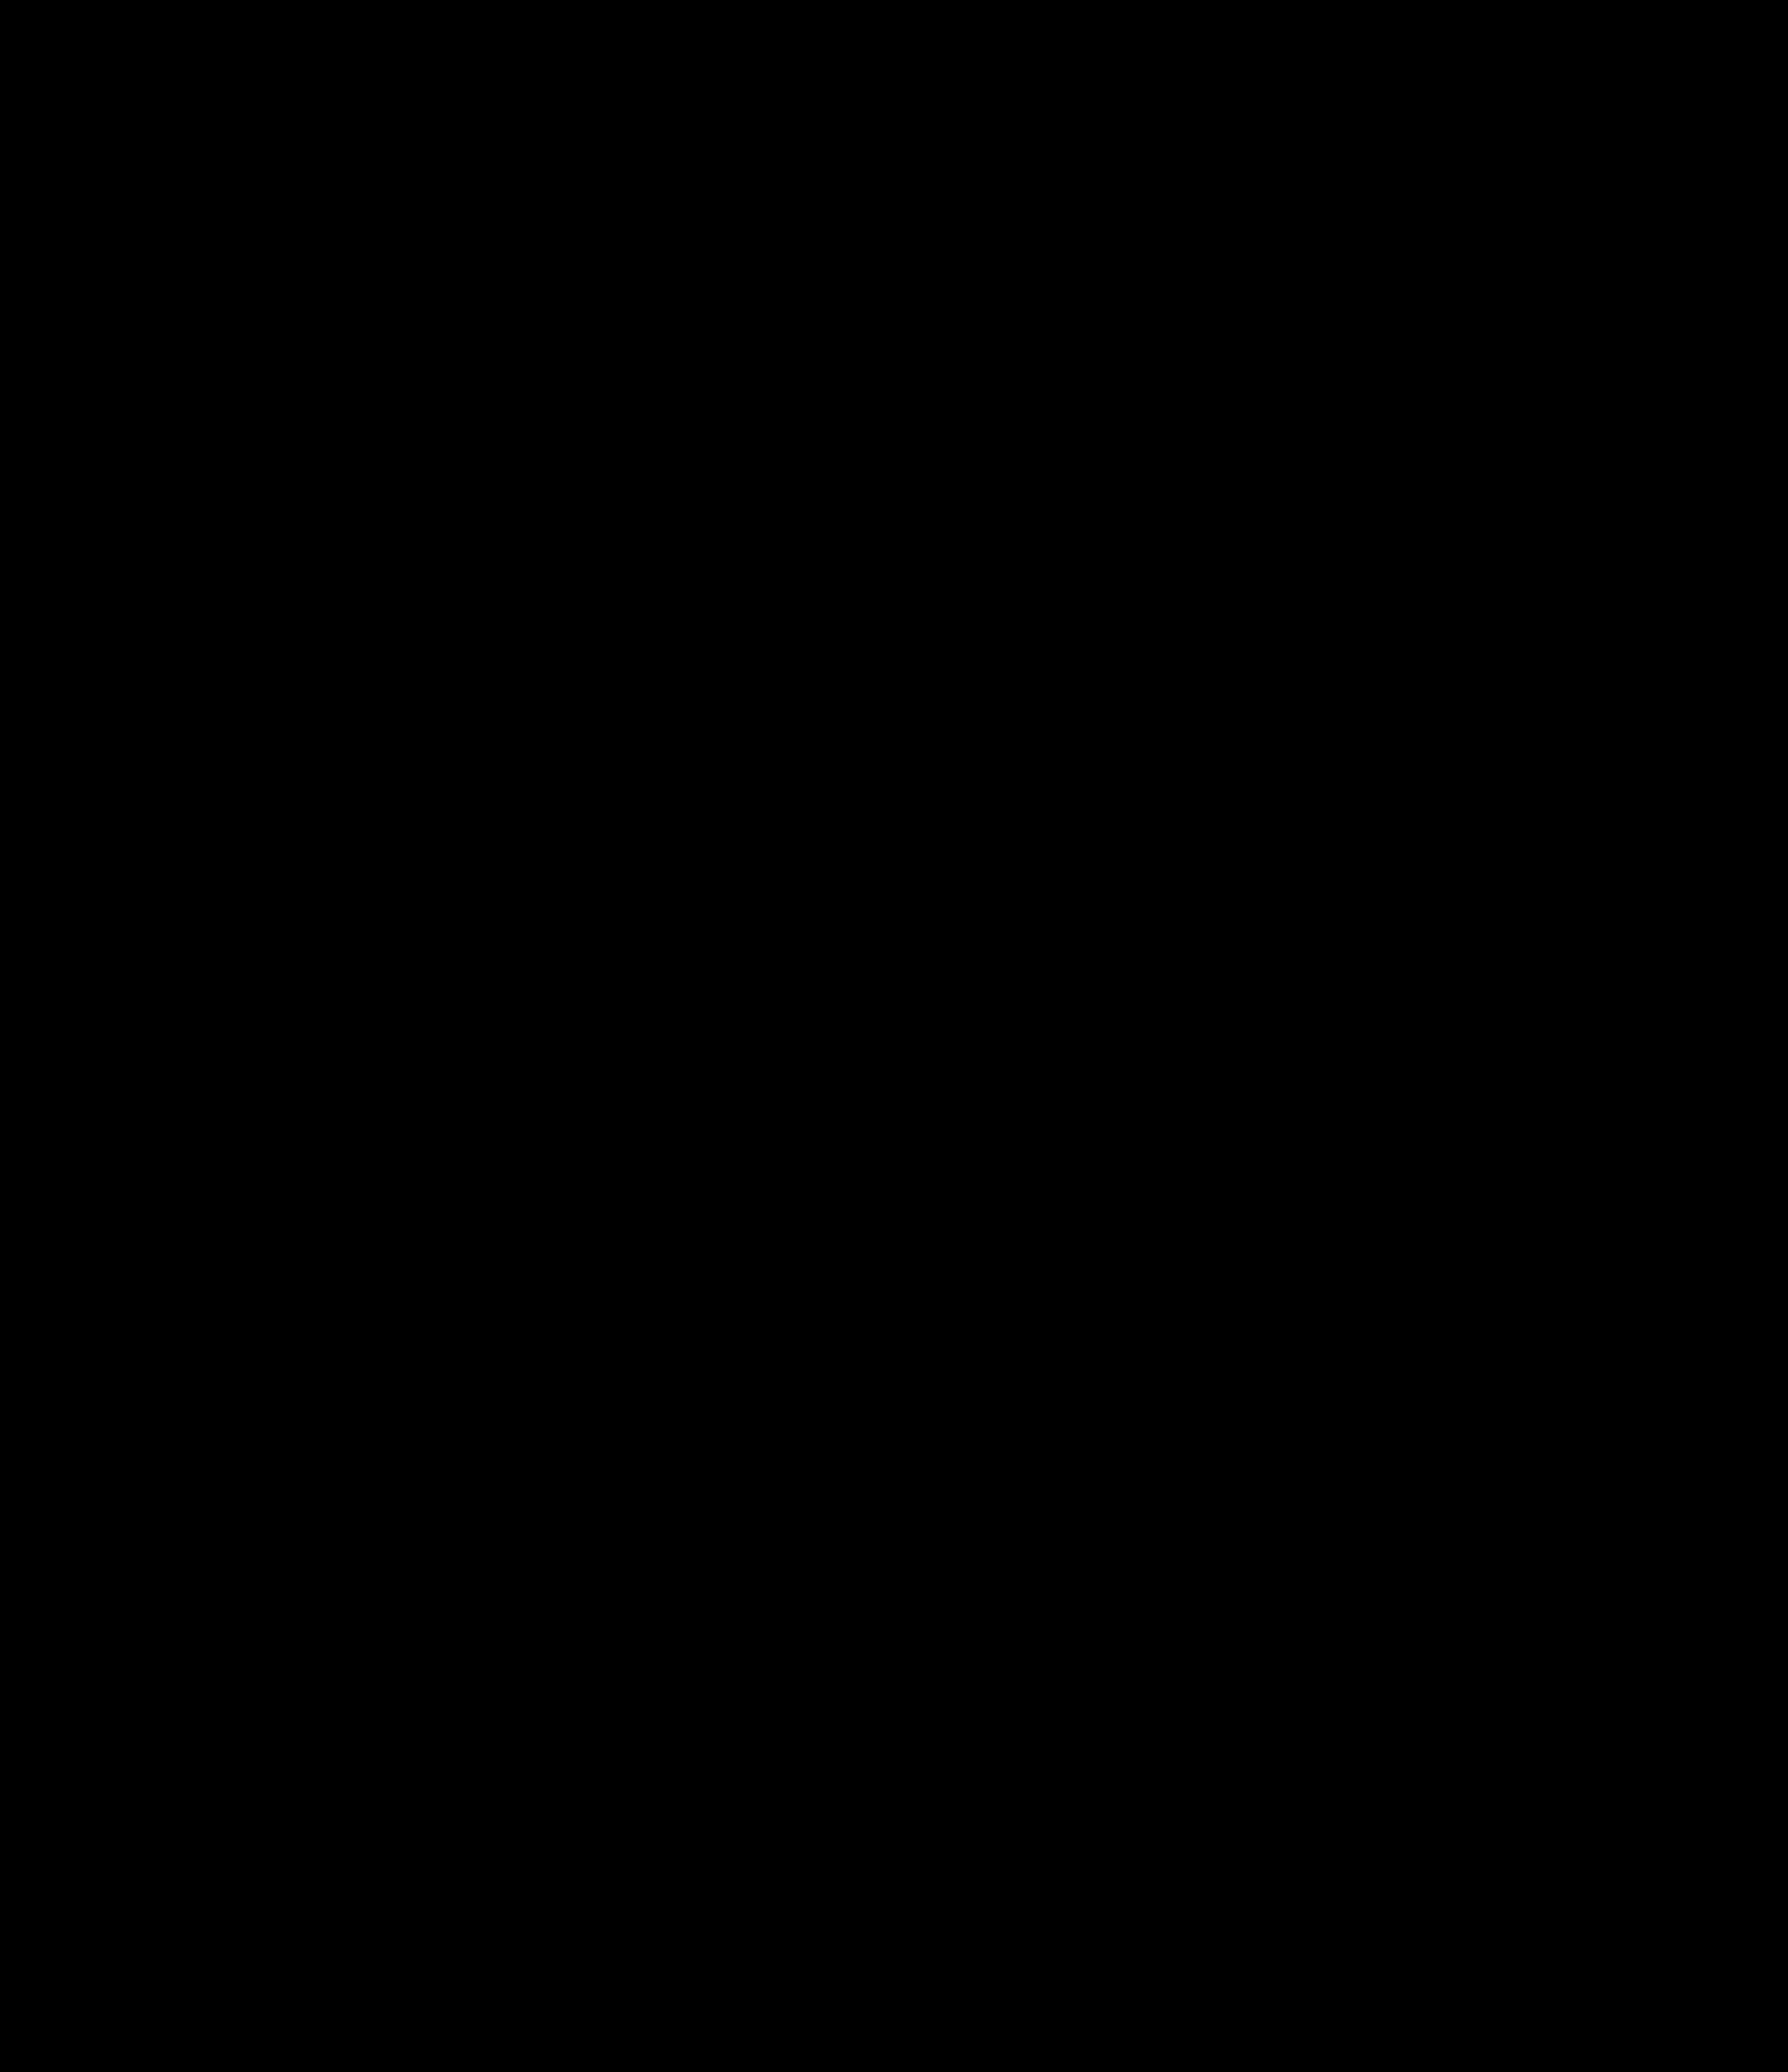 filevan buren martin president bep engraved portraitjpg